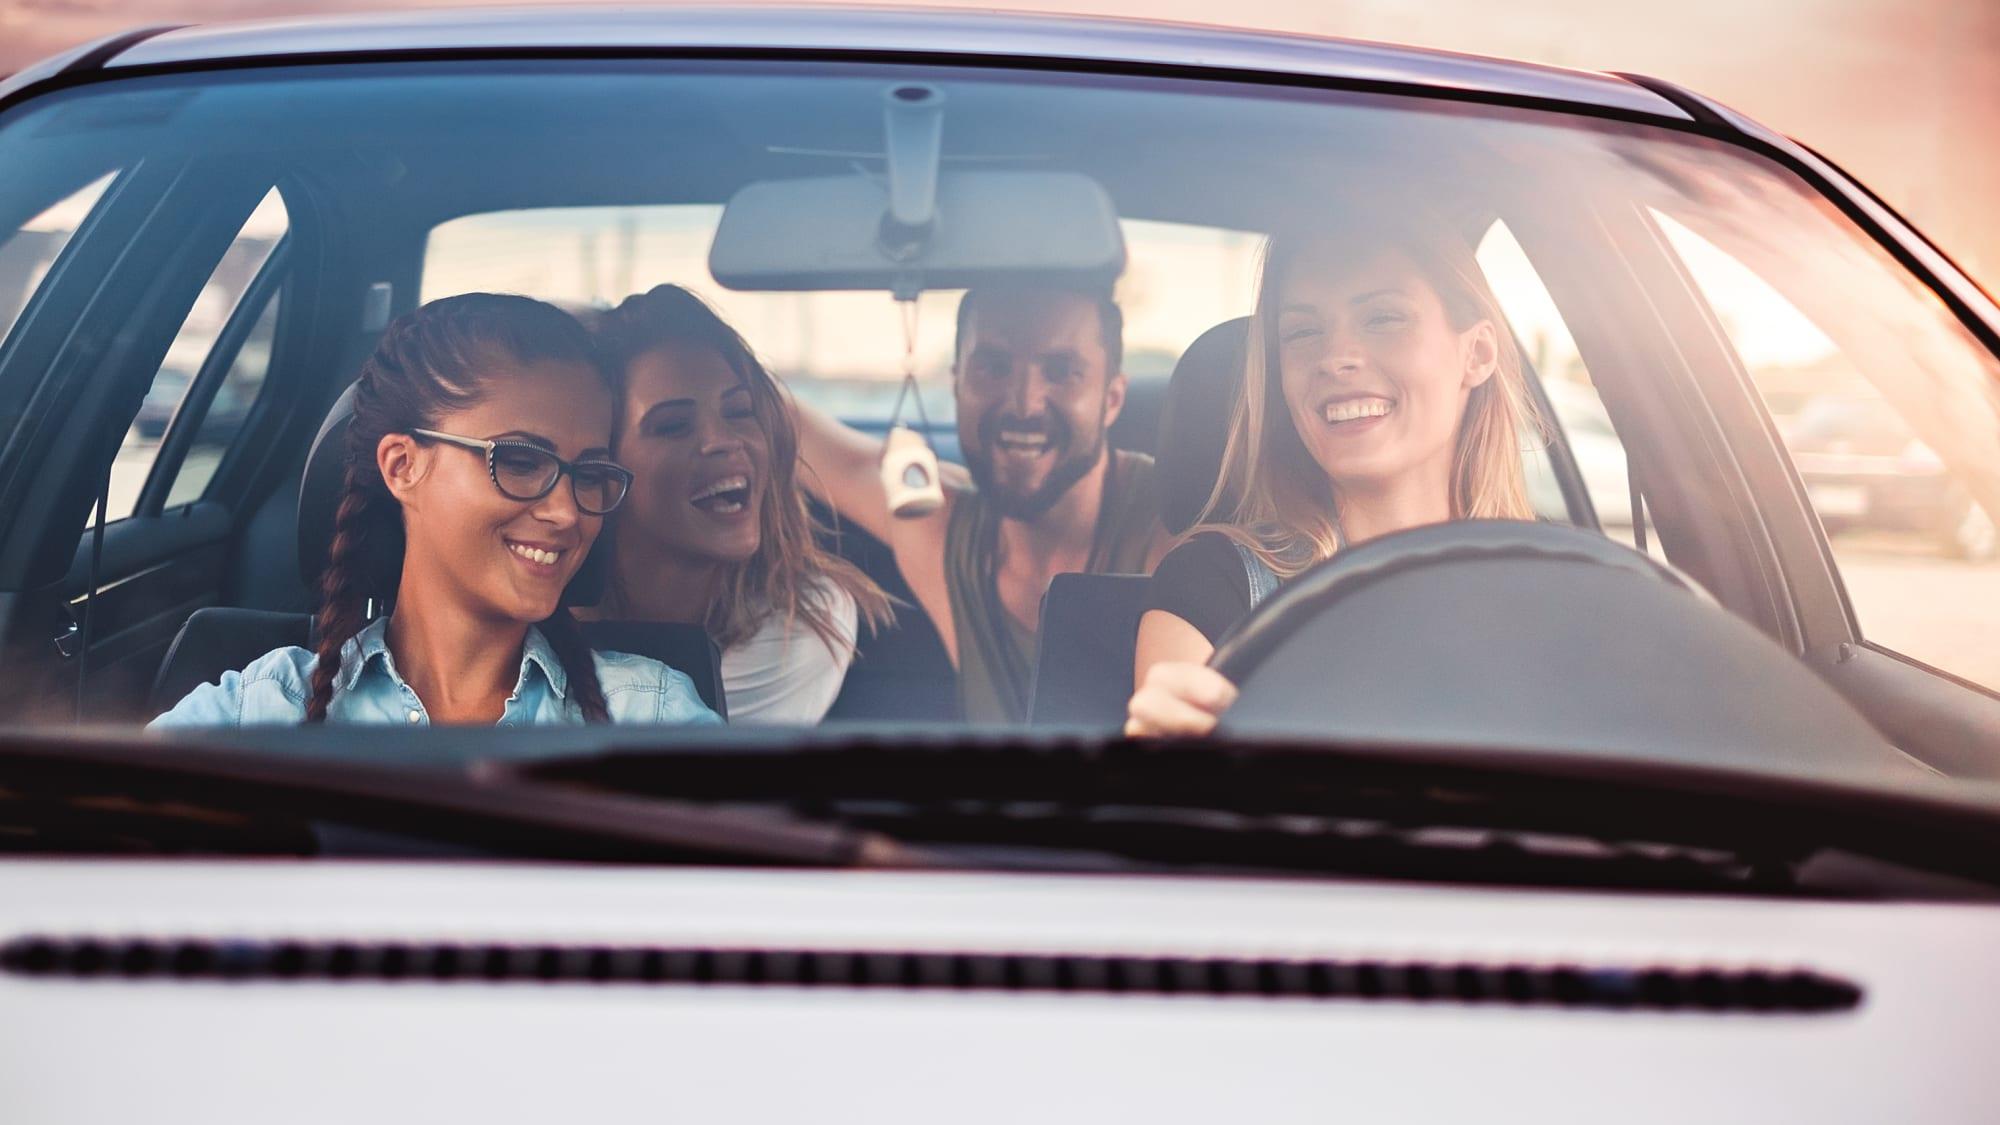 vier Personen fahren in einem Auto